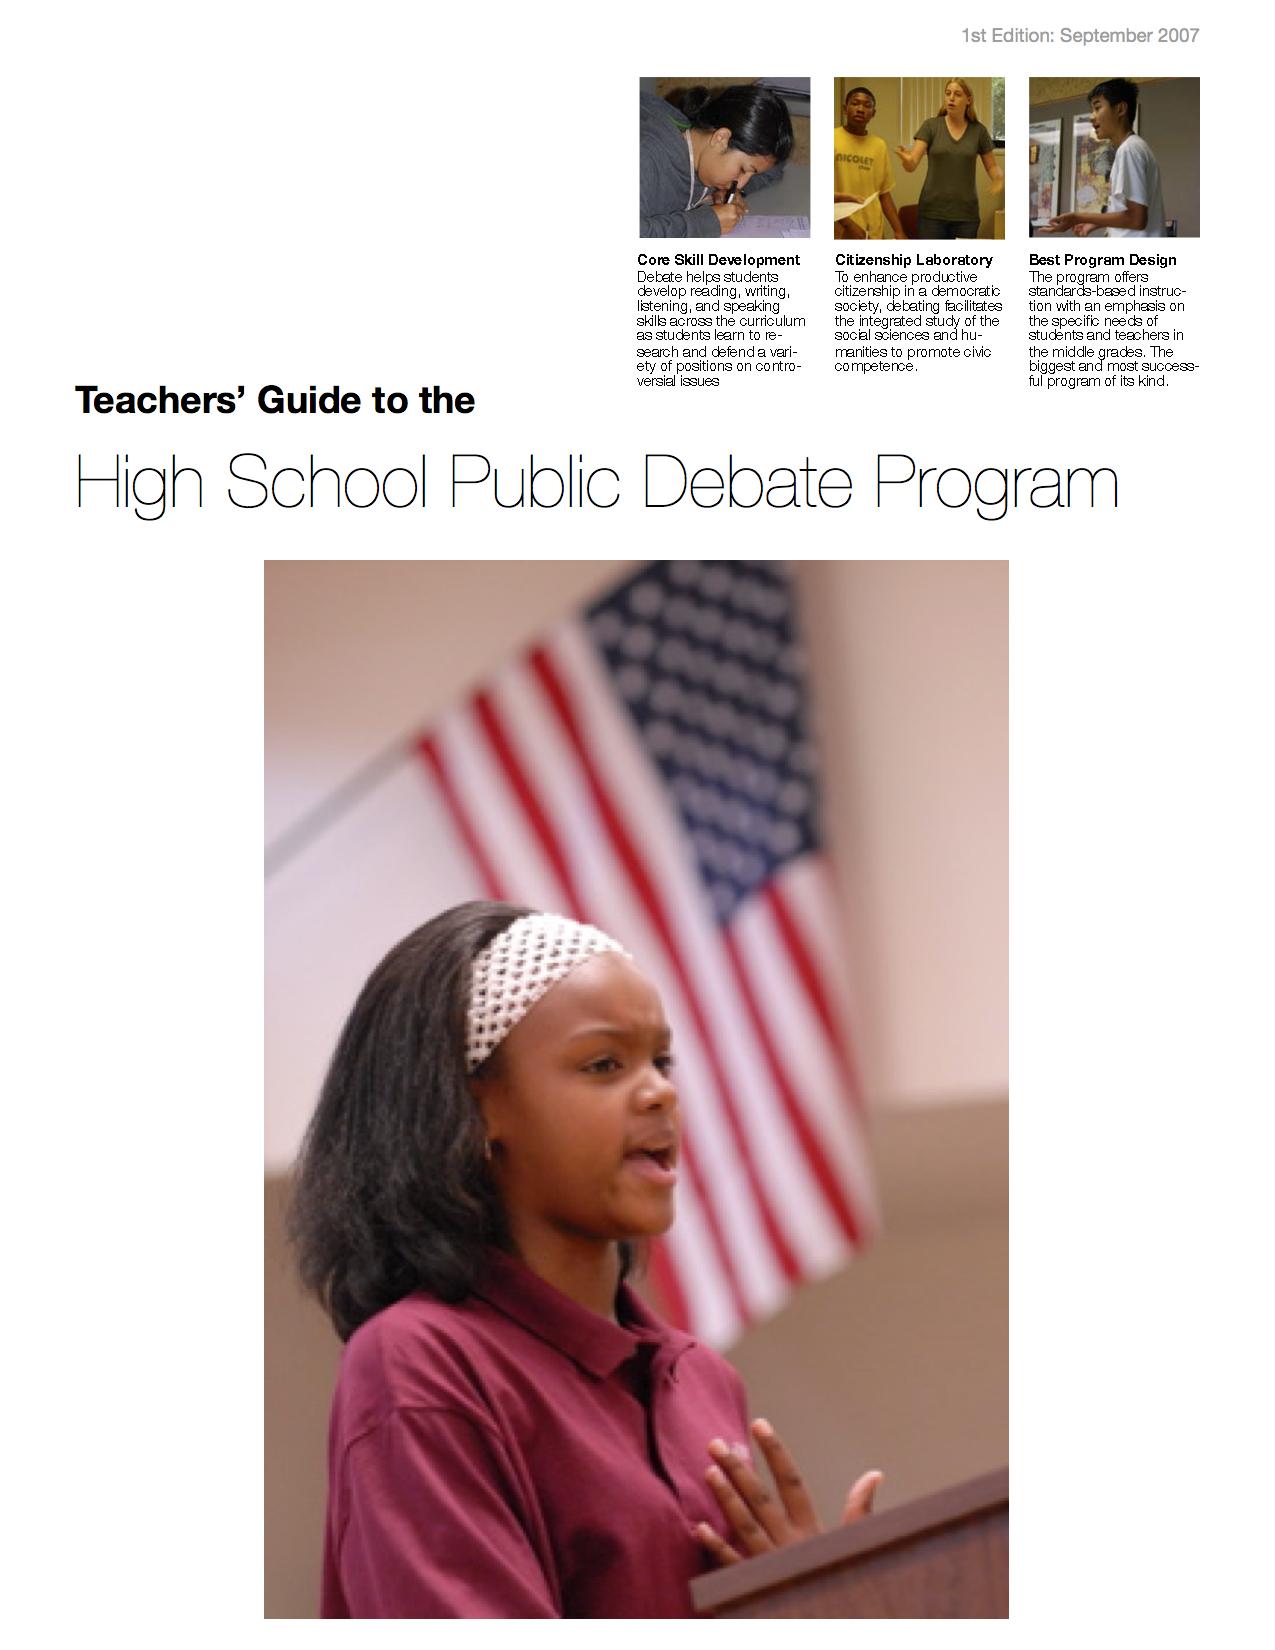 Teacher Guide for the HSPDP